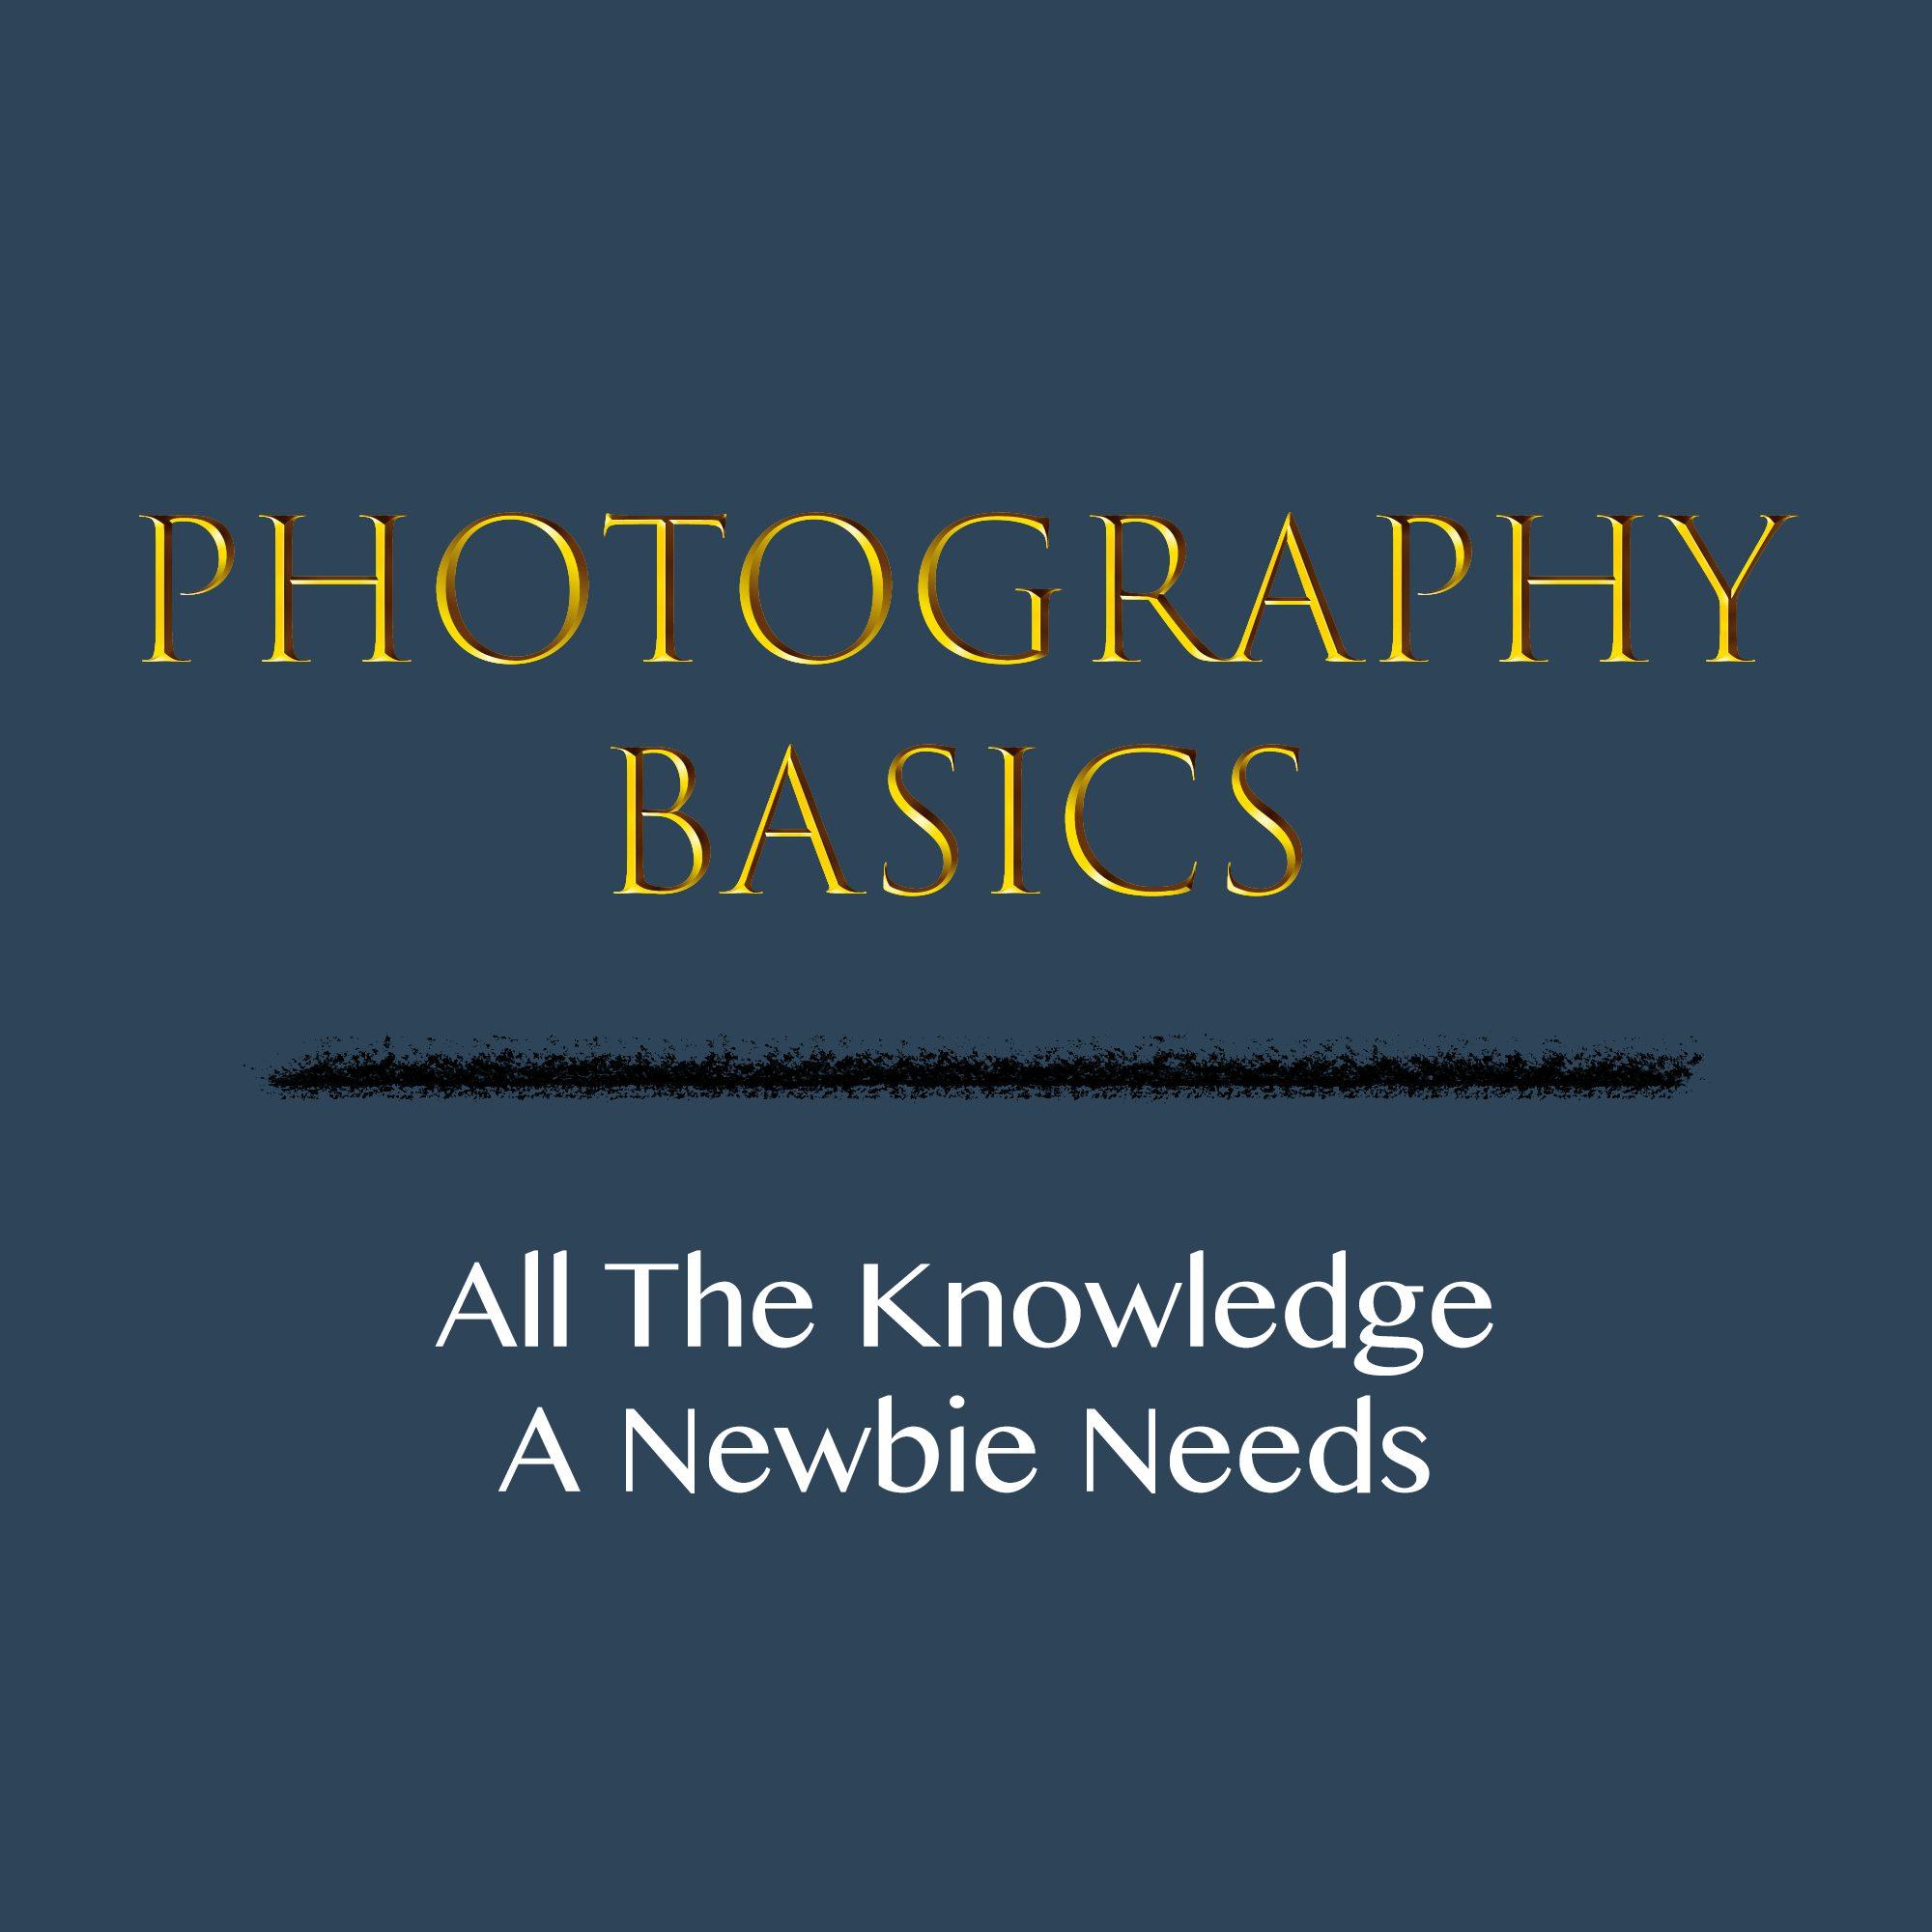 Photography Basics Logo